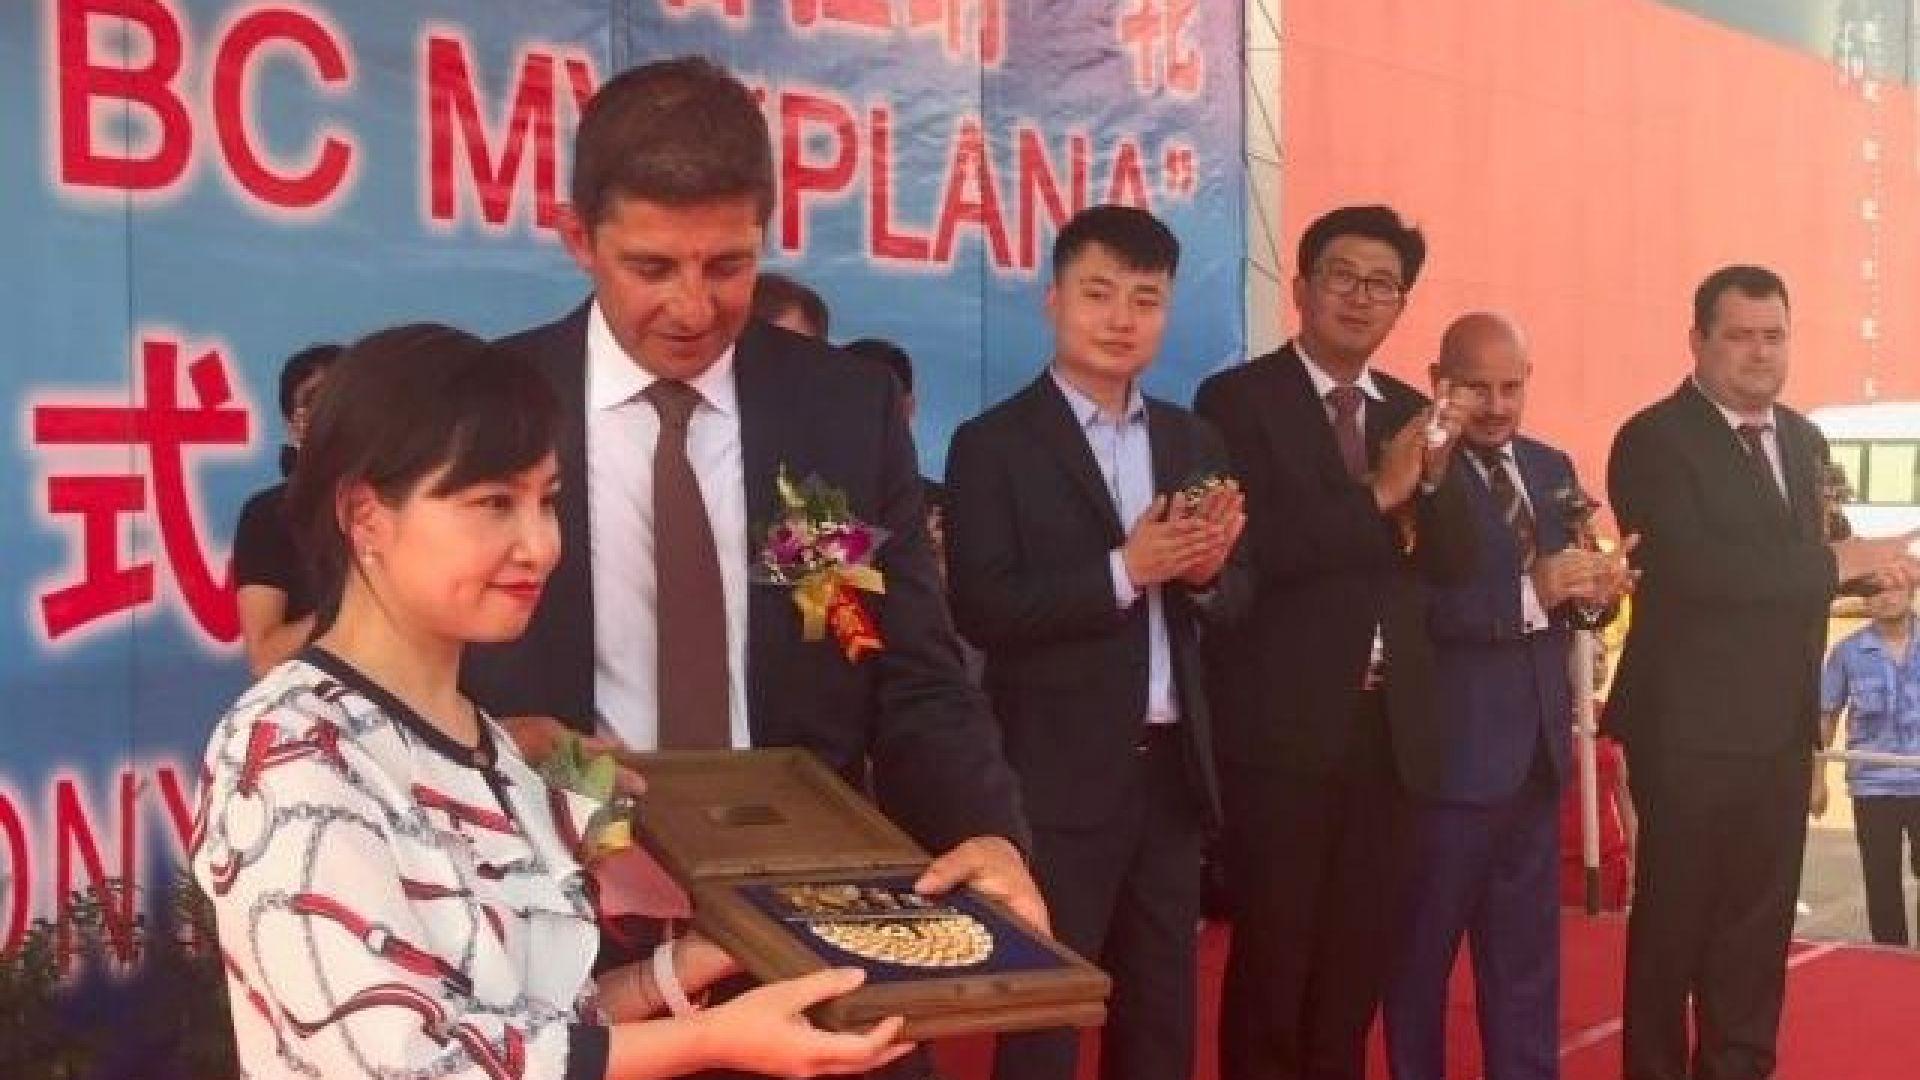 """Веднага след именуването на """"Плана"""" кръстницата г-жа Цанг Ийчунг получи подарък от к.д.п. Александър Калчев."""